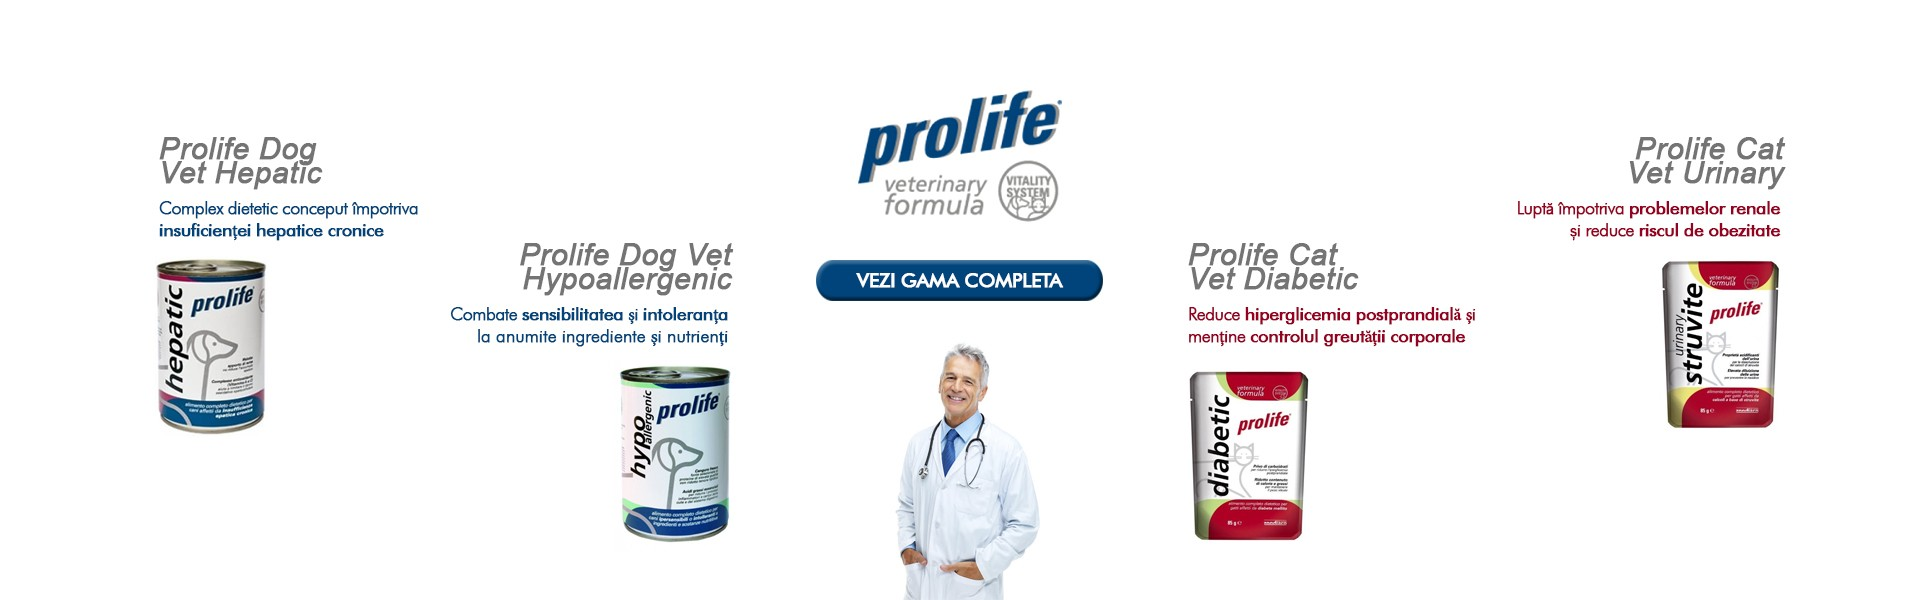 prolife_product_range